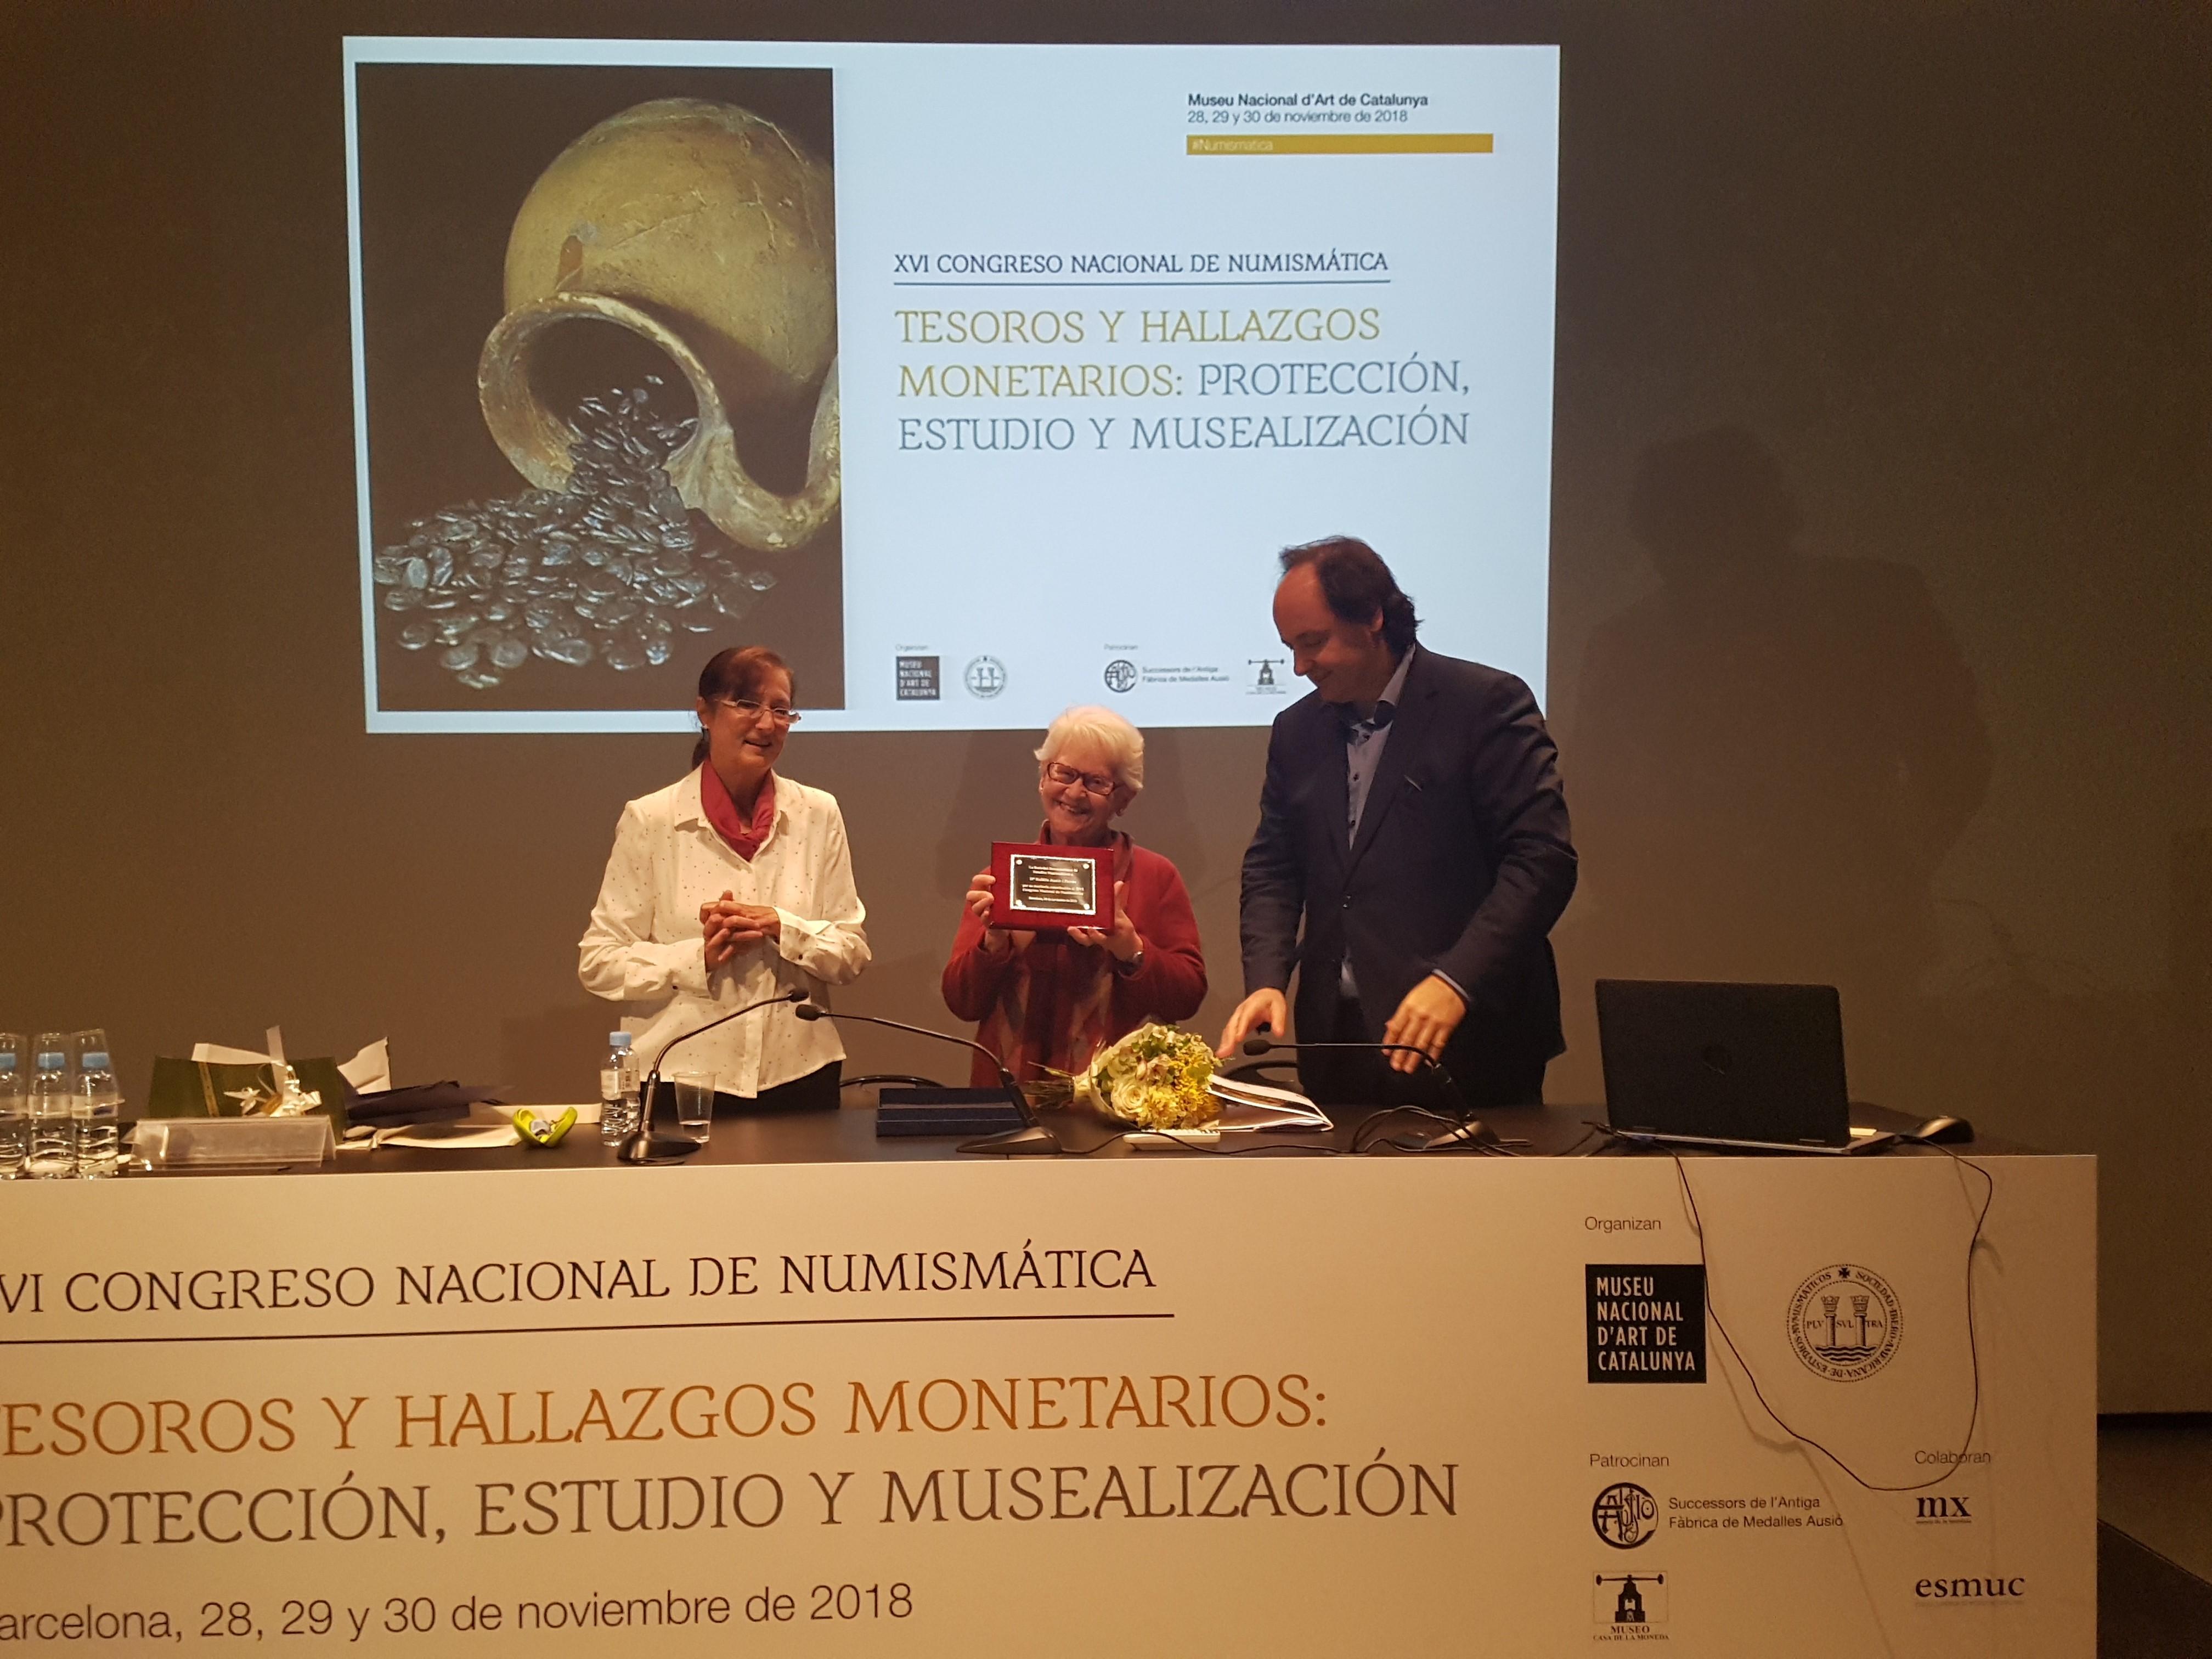 Congreso Nacional de Numismática